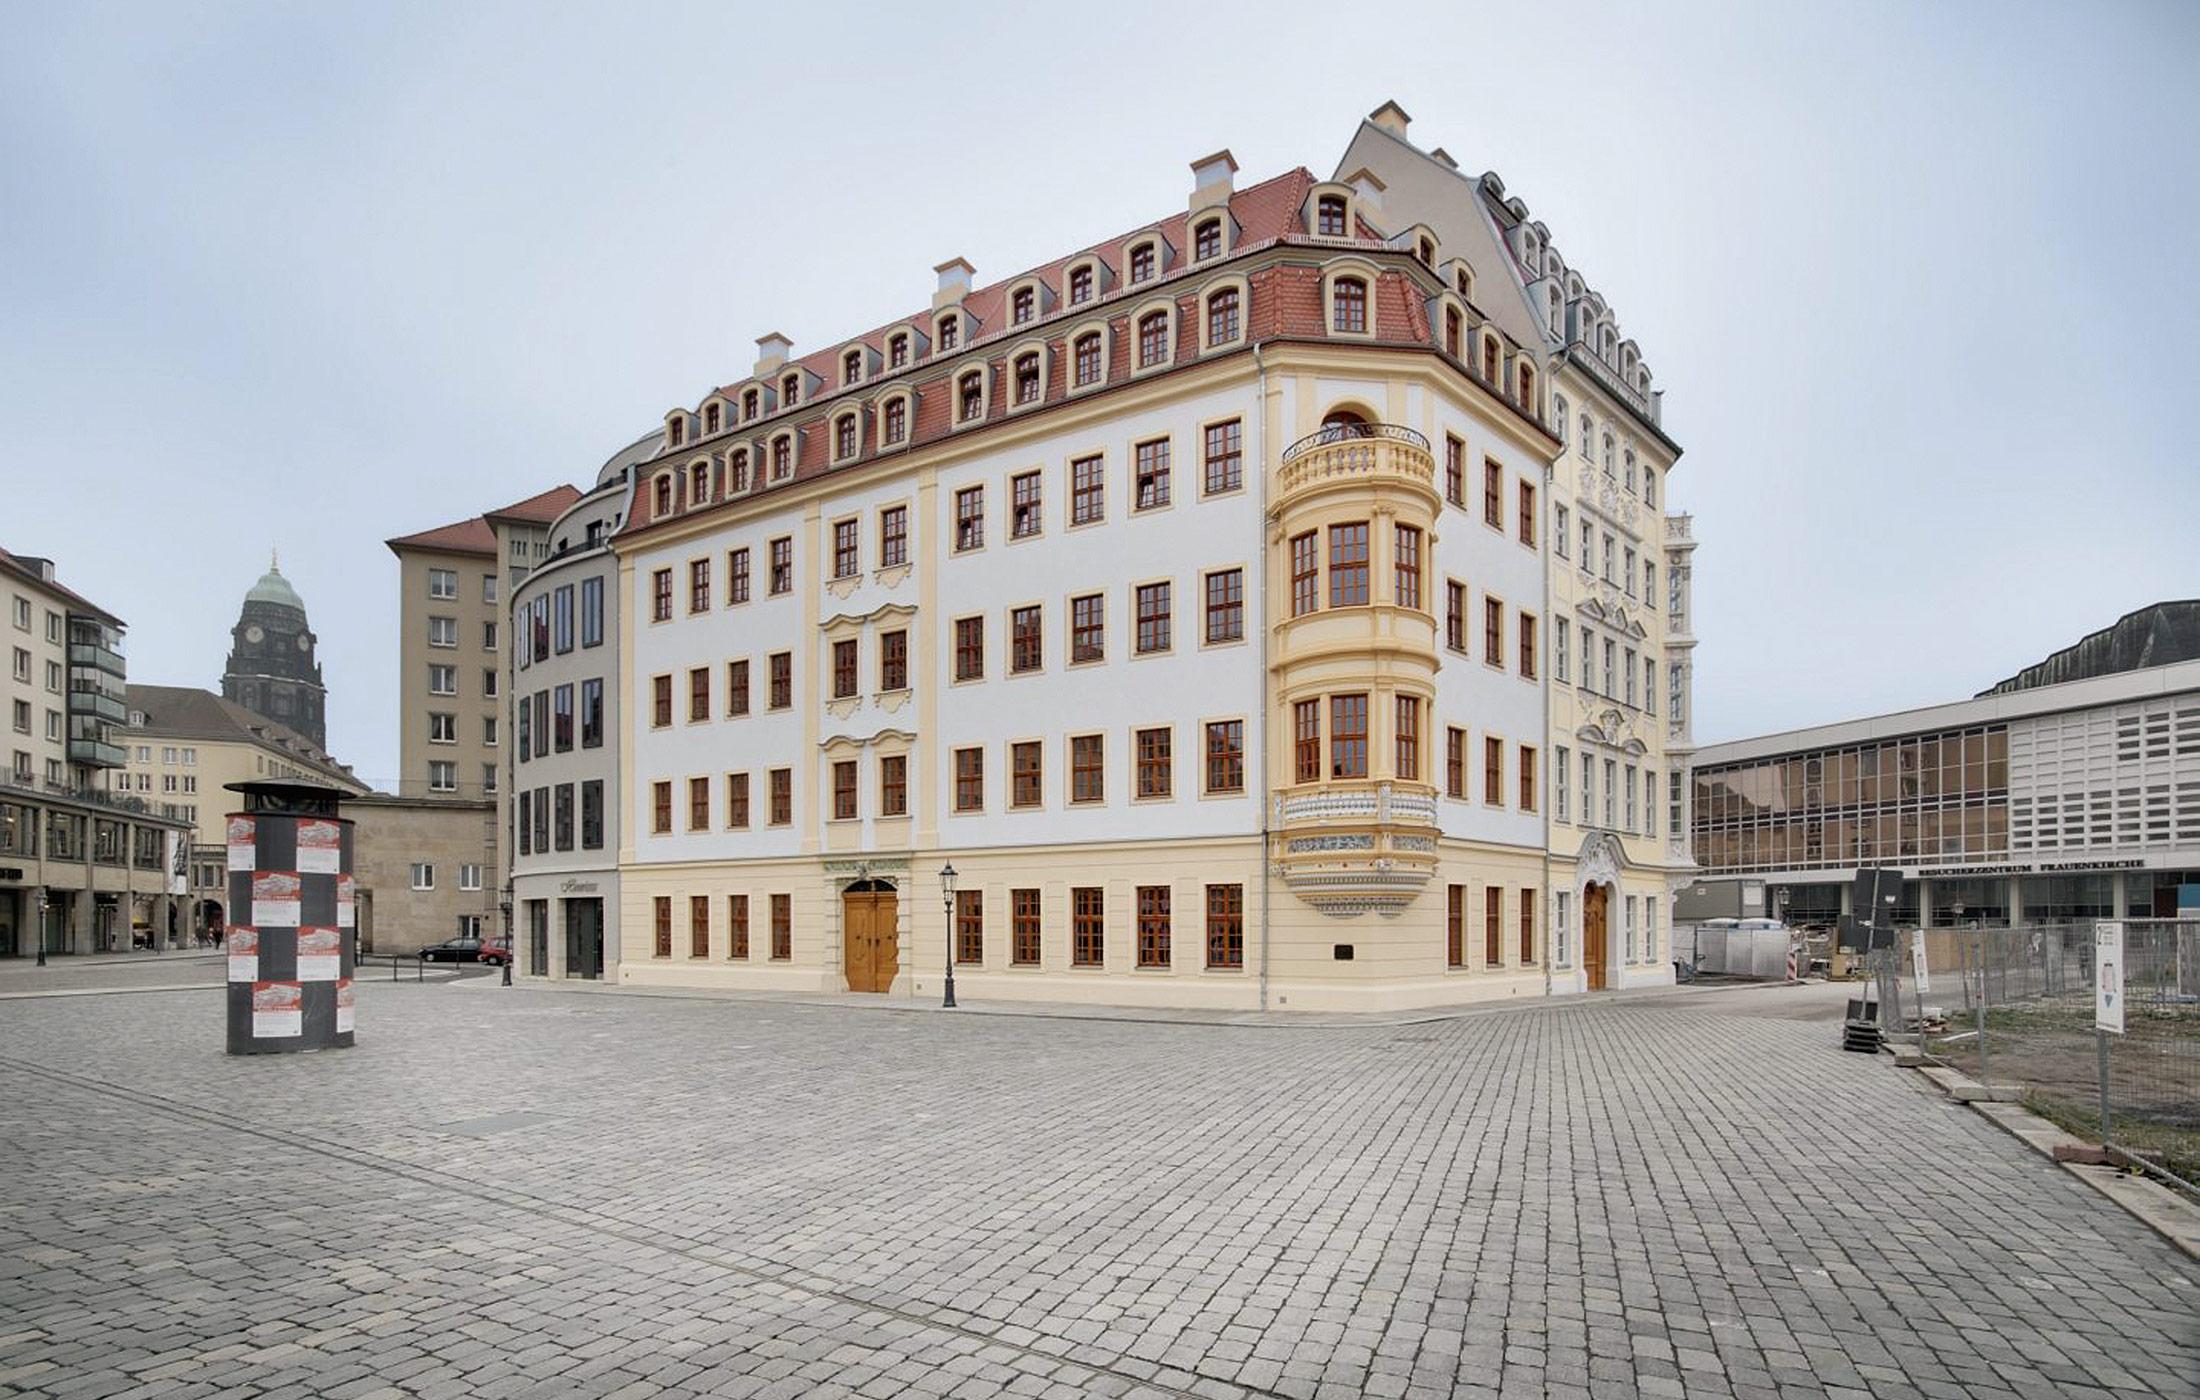 2008, Neubau Heinrich Schütz Residenz, Dresden